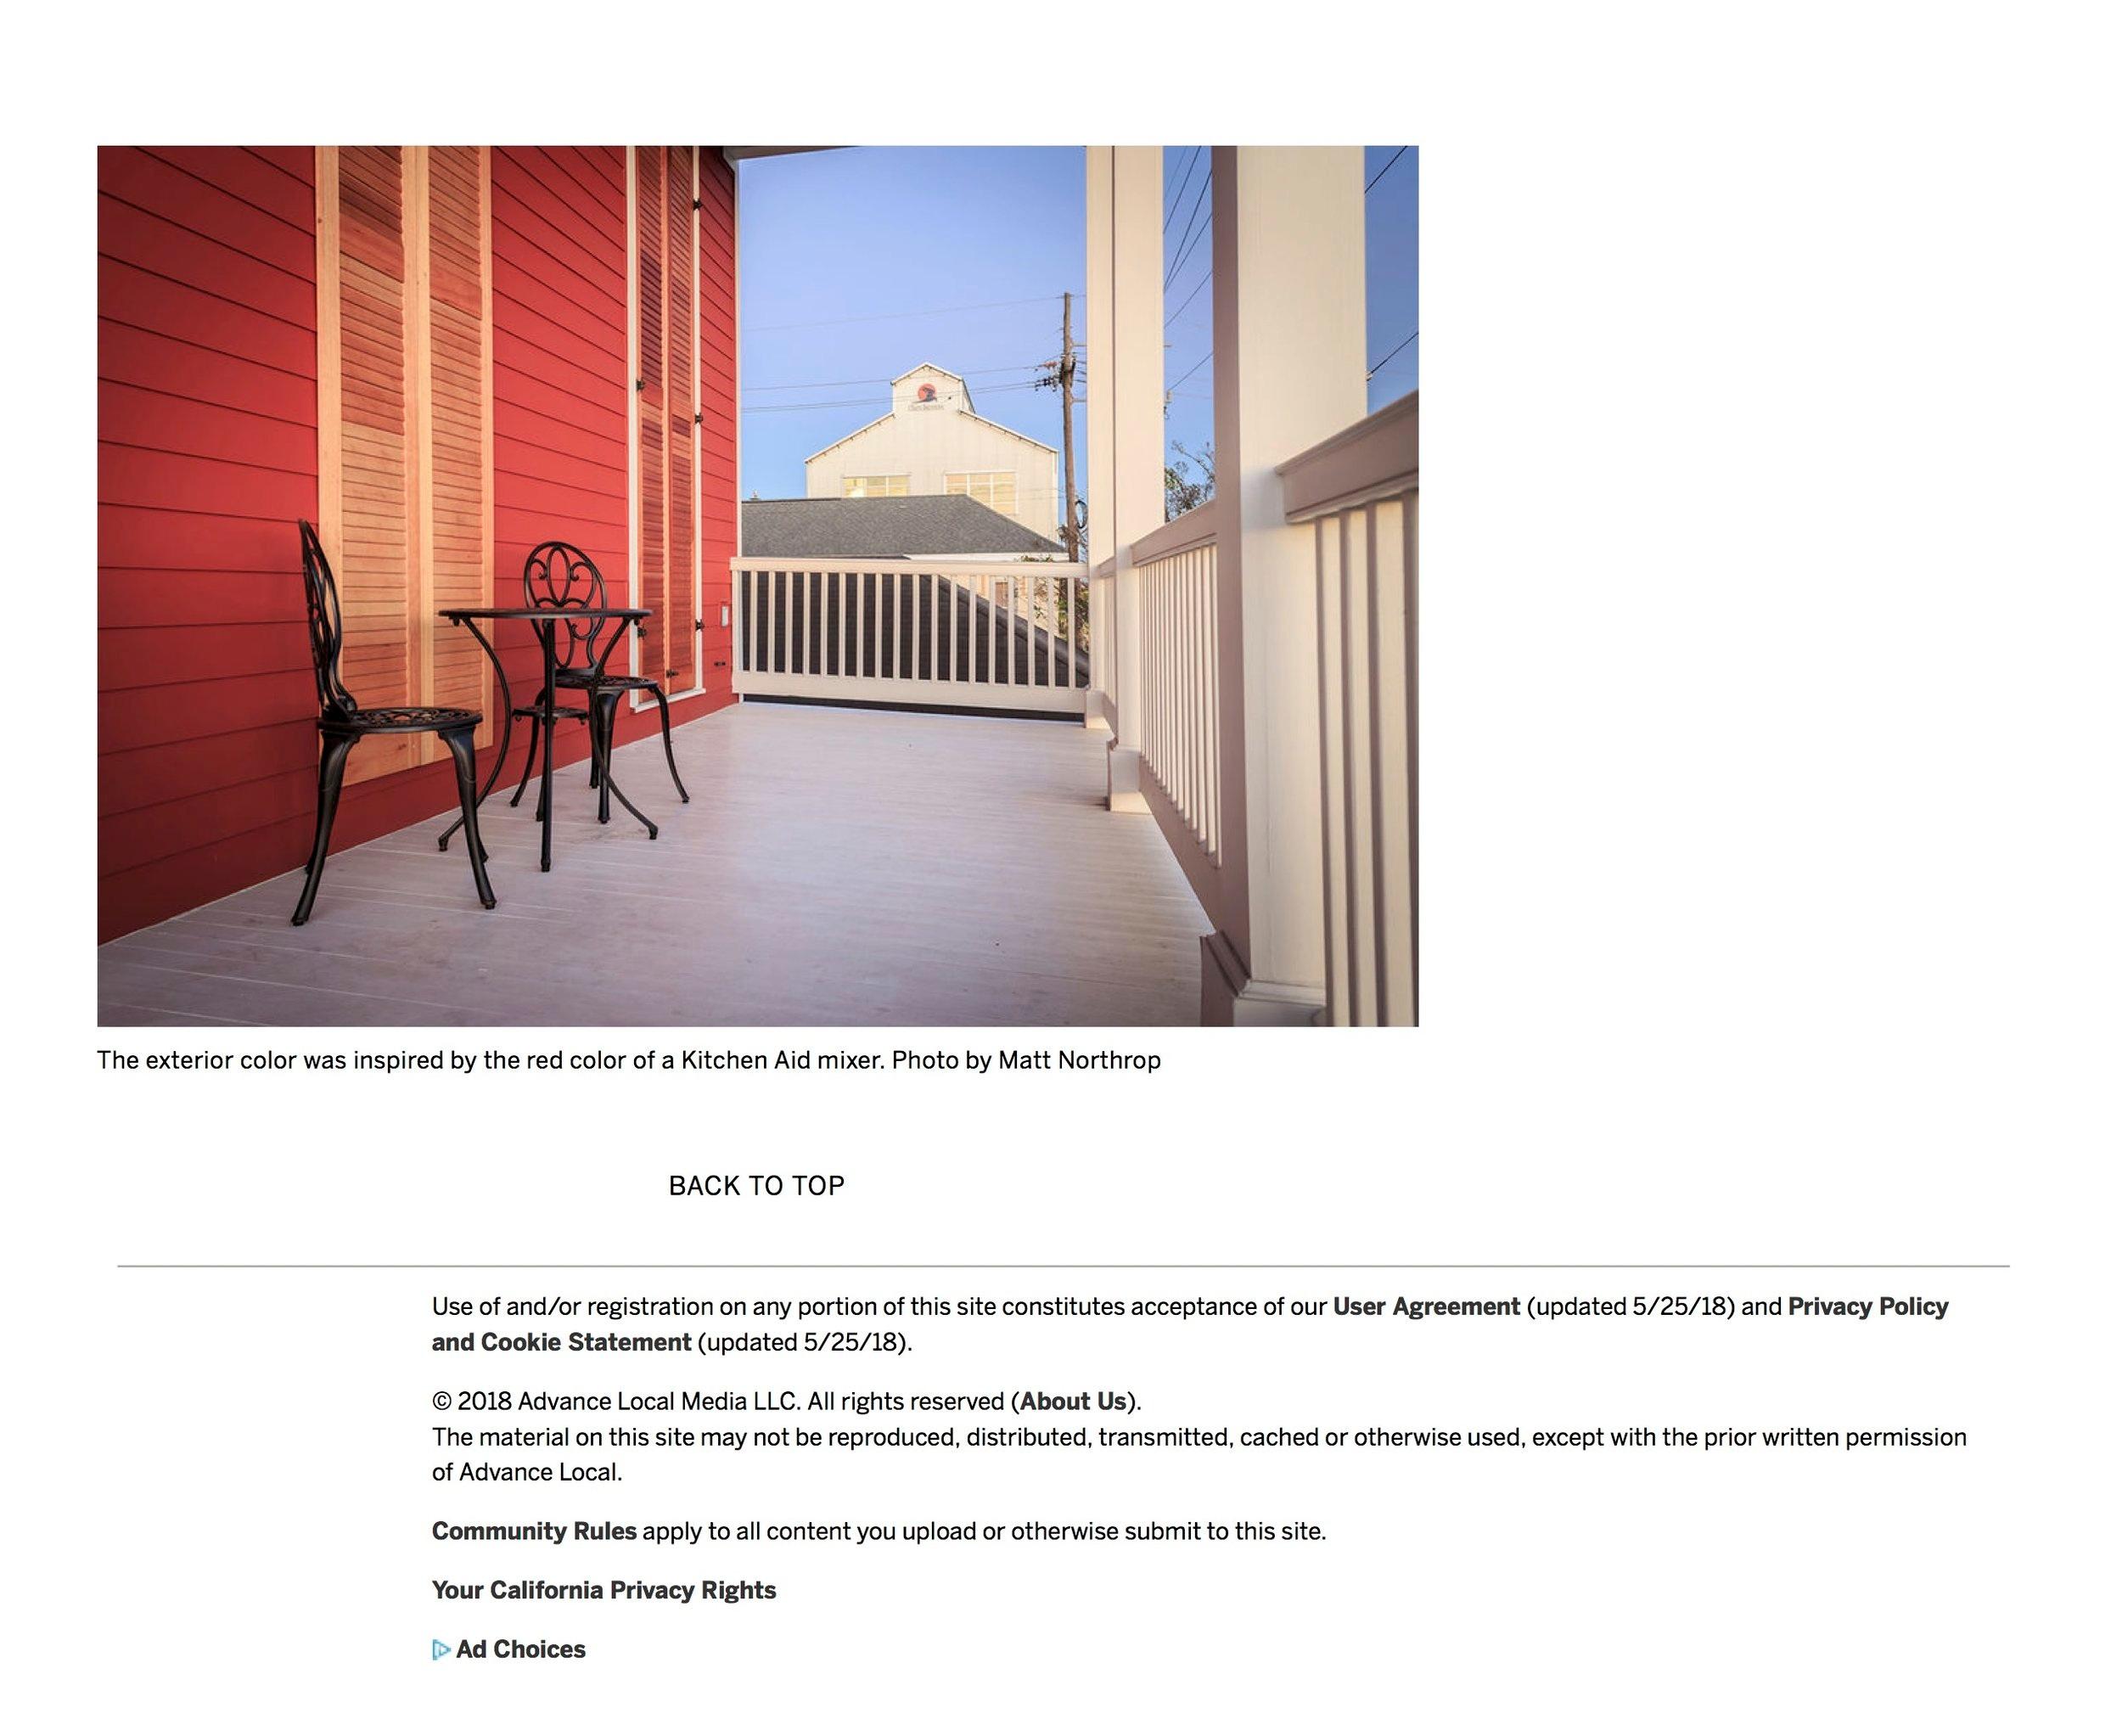 https://www.nola.com/expo/life-and-culture/erry-2018/12/d1df62315e2596/new-home-built-for-entertainin.html